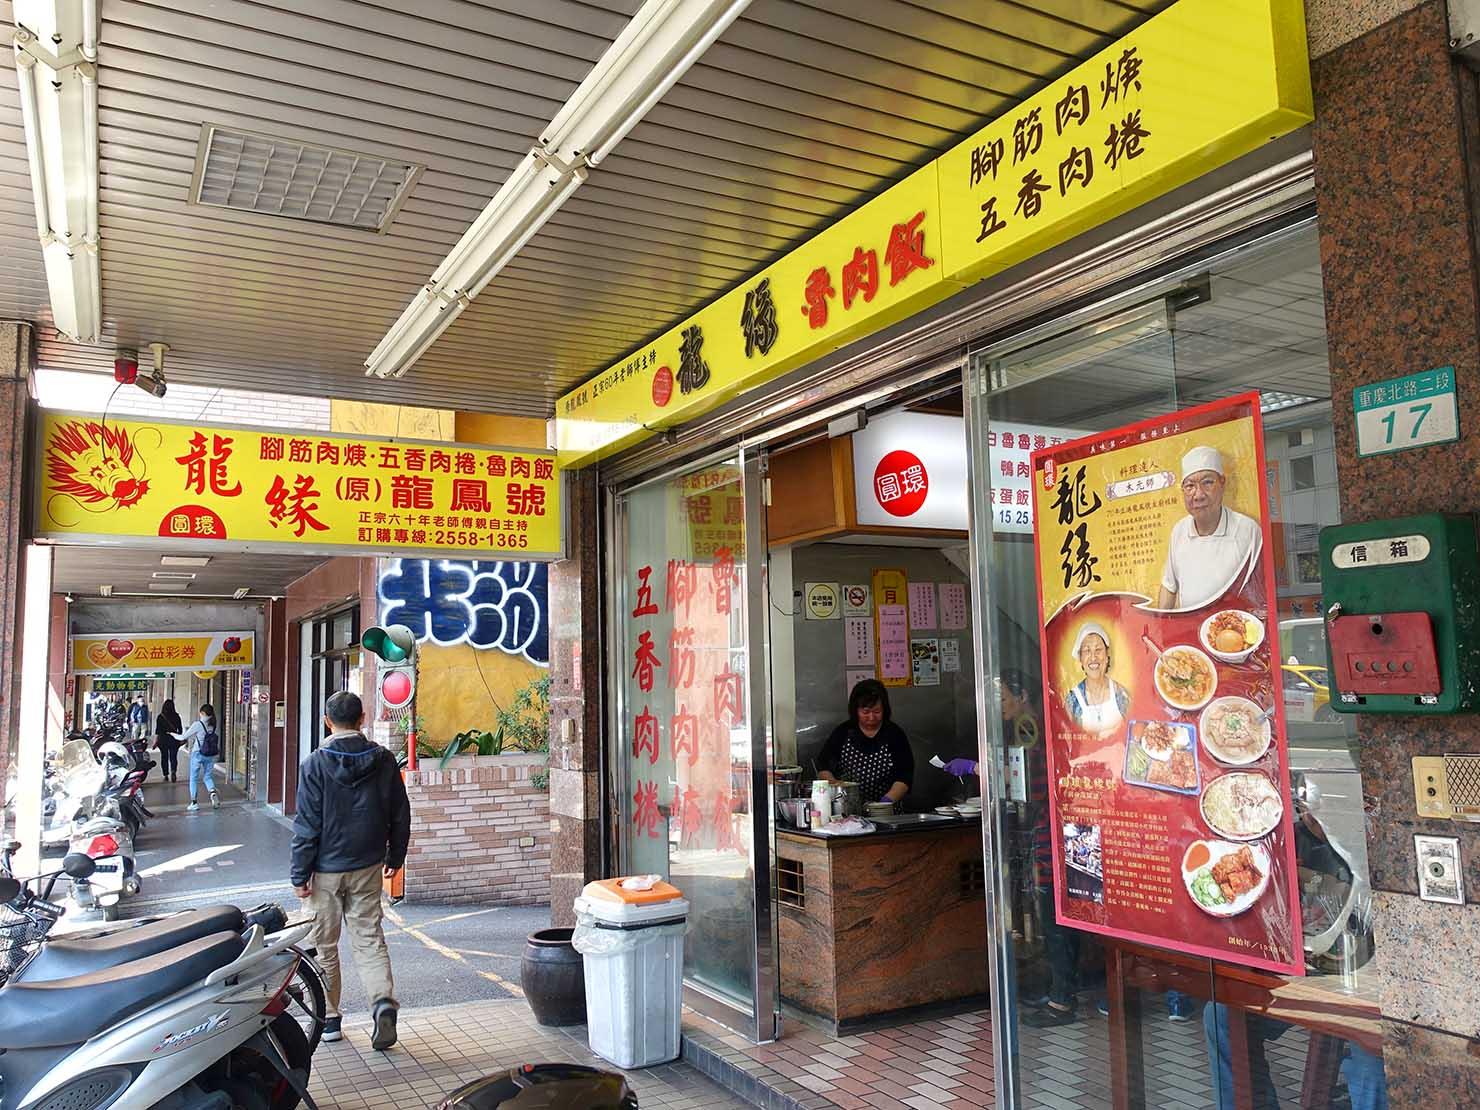 台北・寧夏夜市のおすすめグルメ店「龍緣魯肉飯」の外観